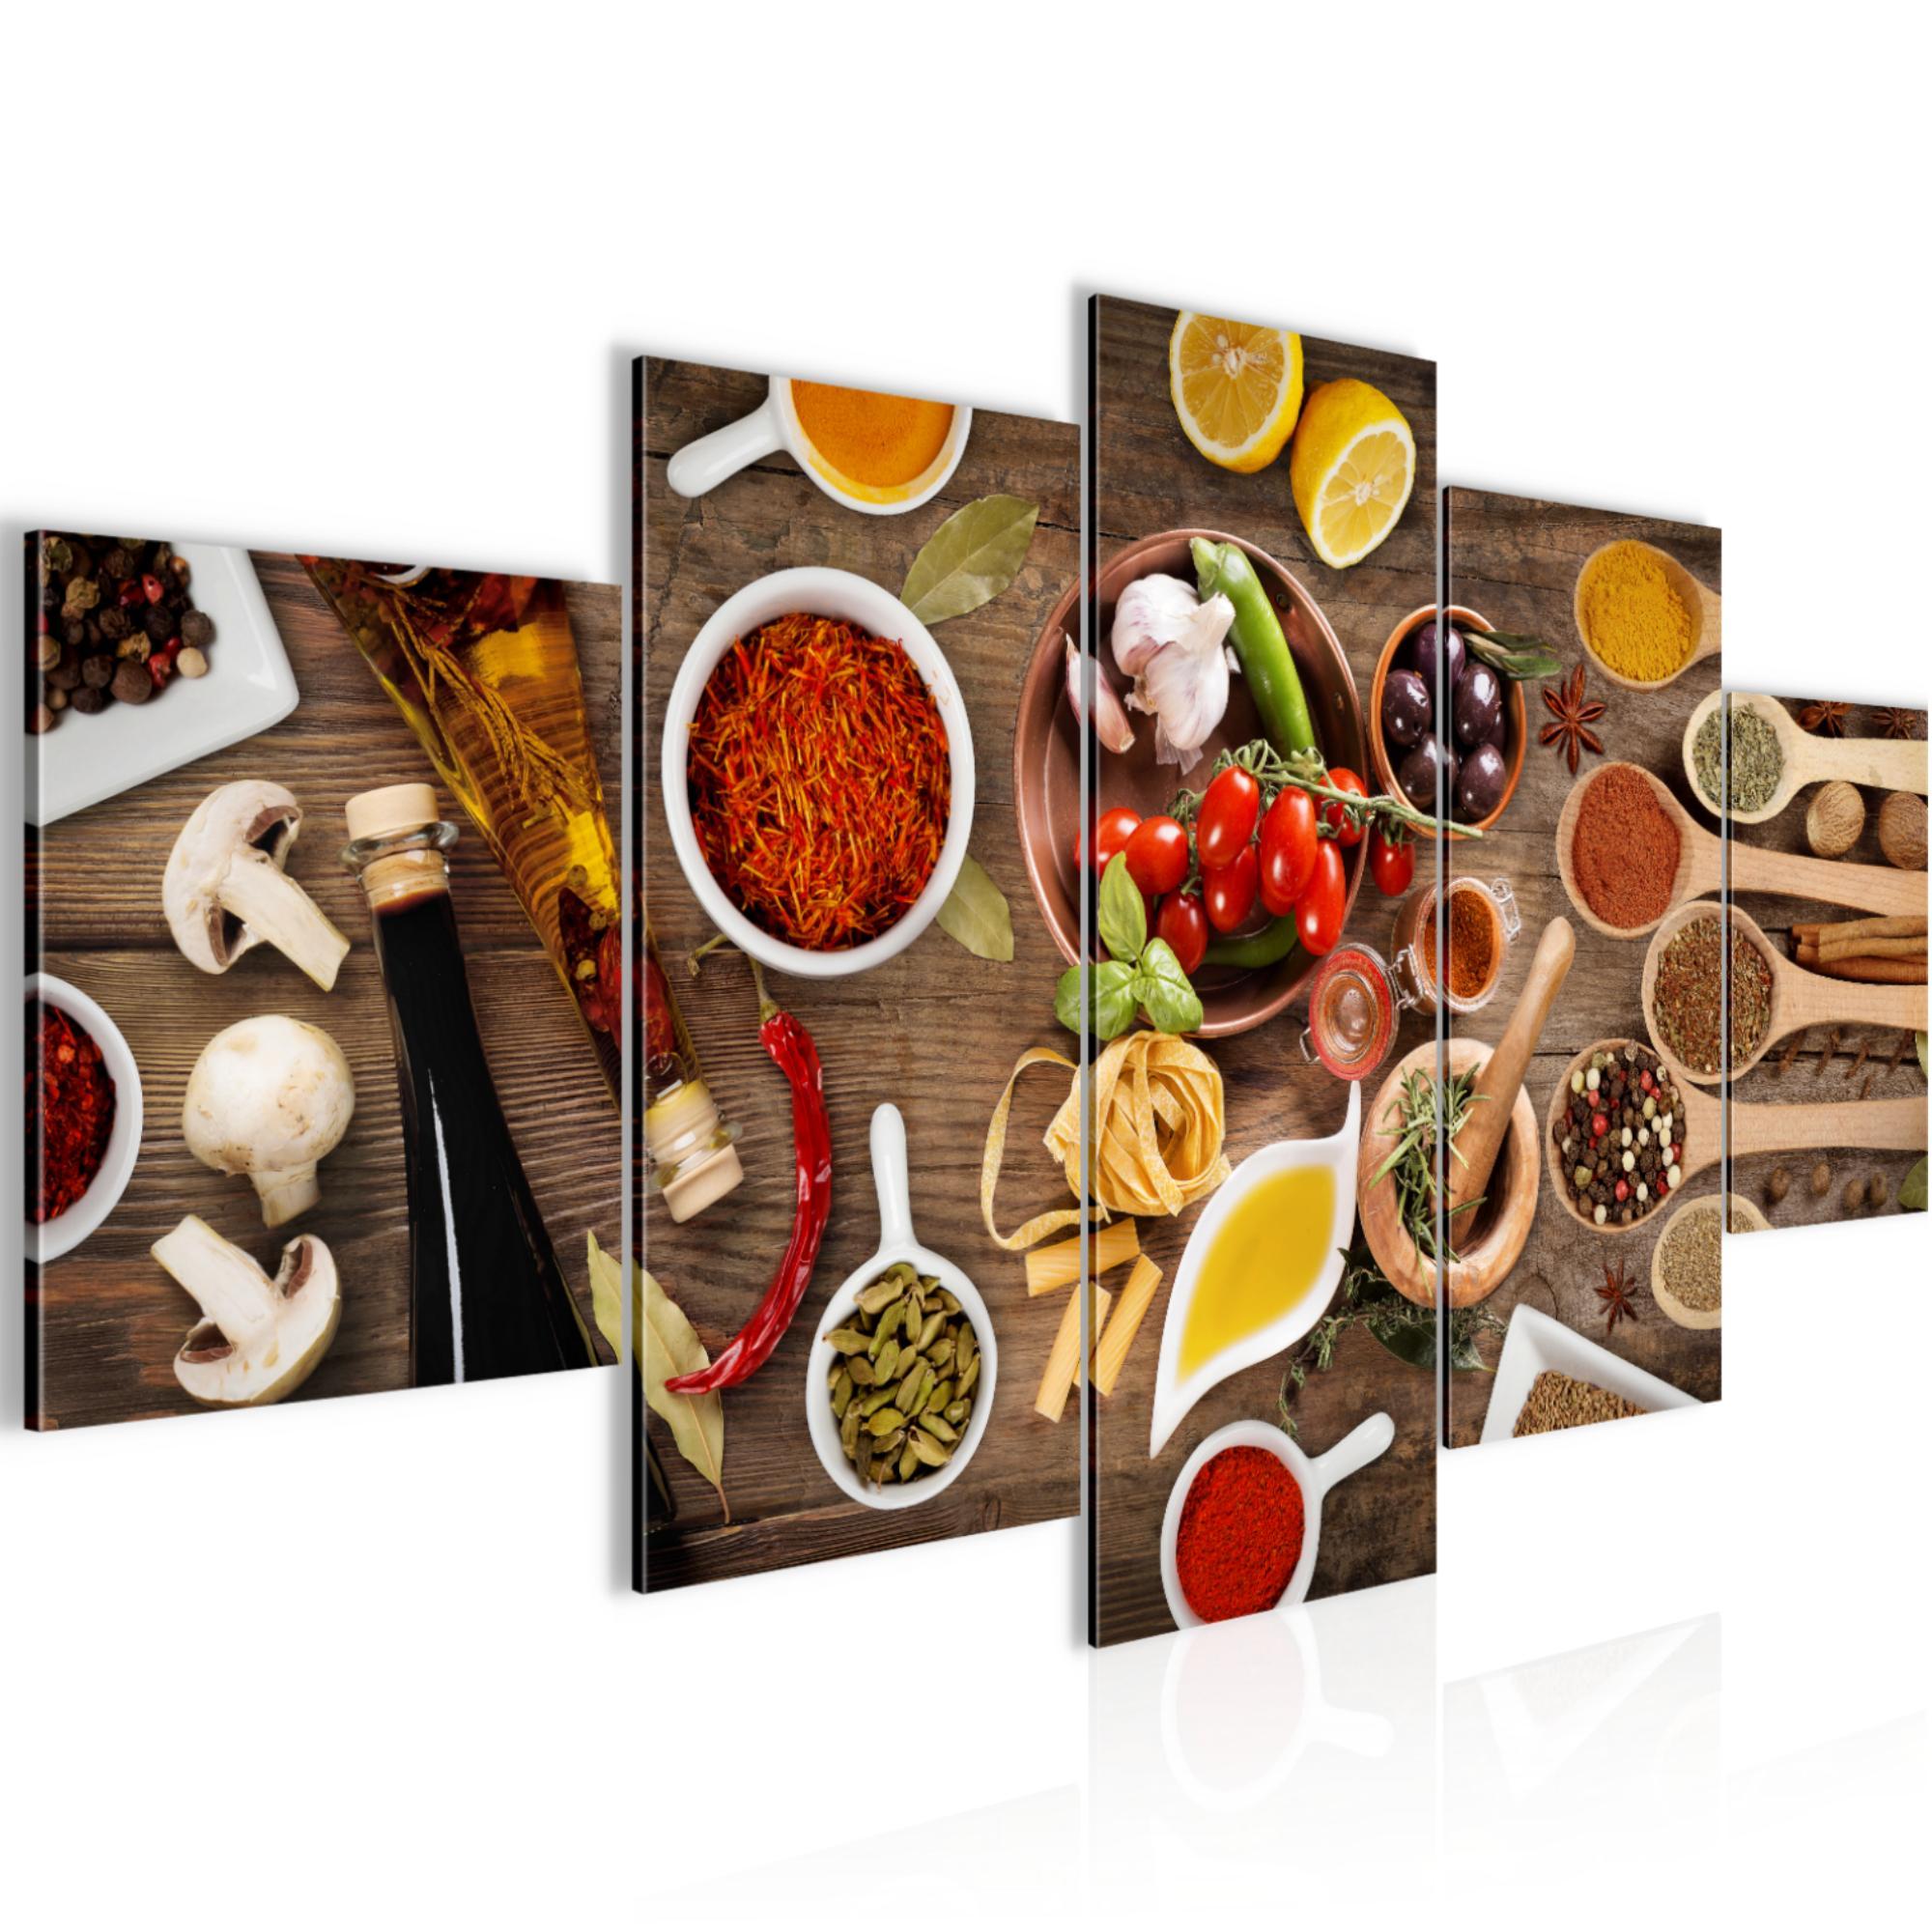 Küche - Gewürze BILD KUNSTDRUCK - AUF VLIES LEINWAND - XXL DEKORATION 00315P